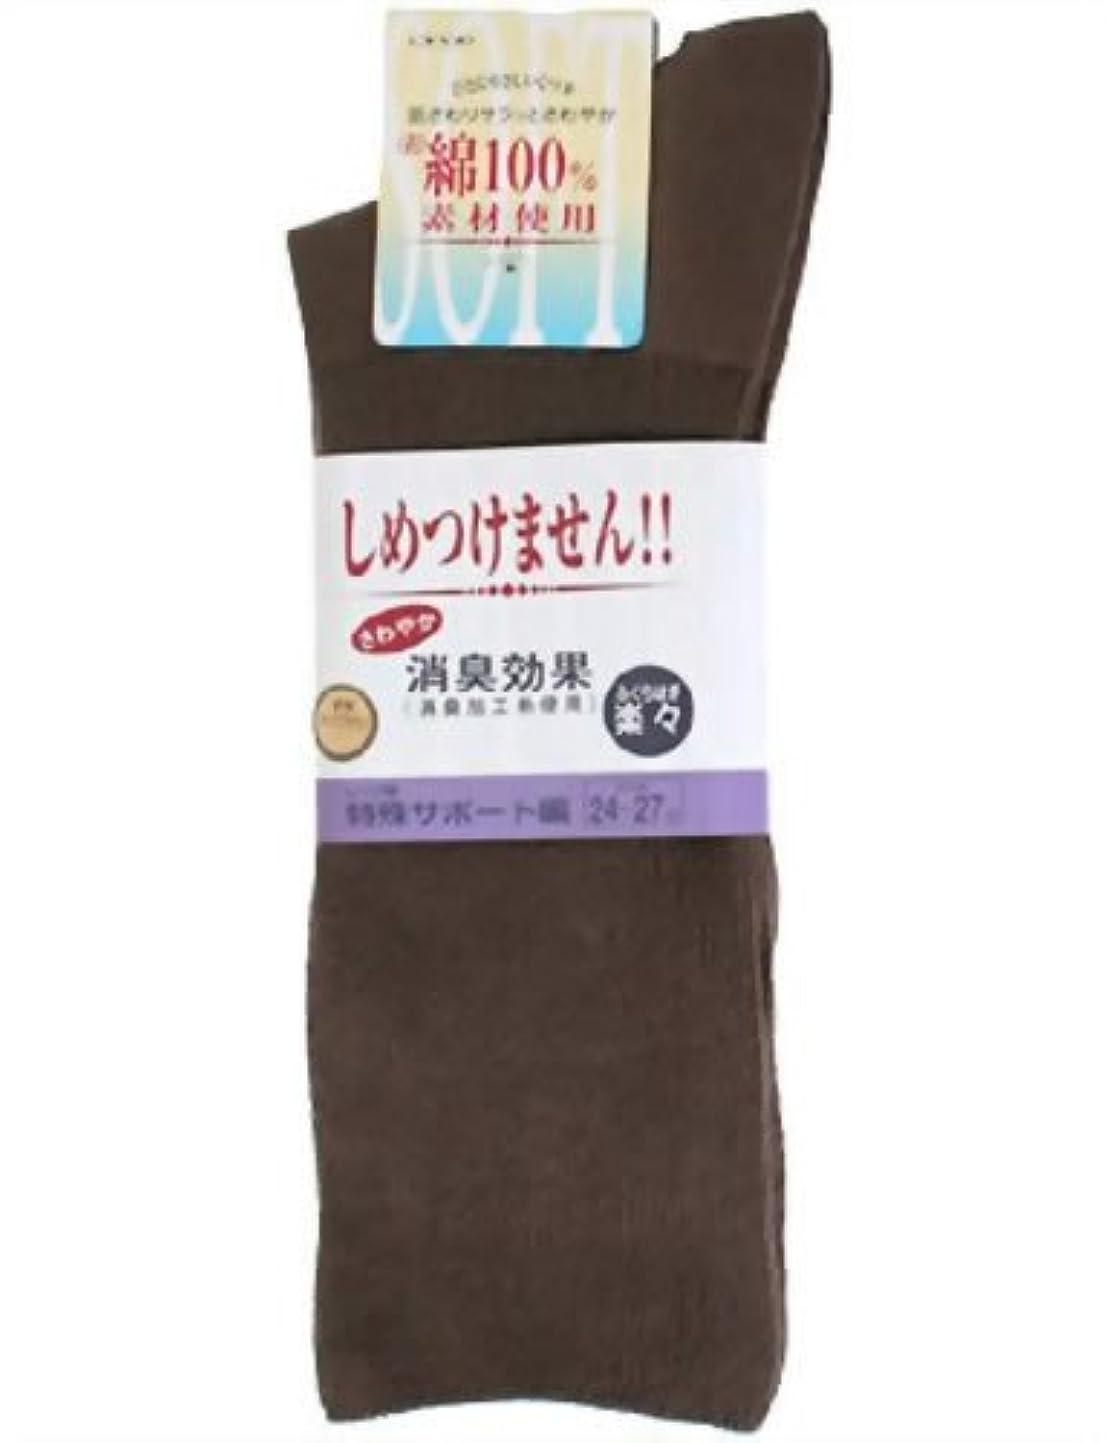 貼り直す落ち着くレビュー神戸生絲 ふくらはぎ楽らくソックス 紳士 春夏用 ダークブラウン 5950 ダークブラウン